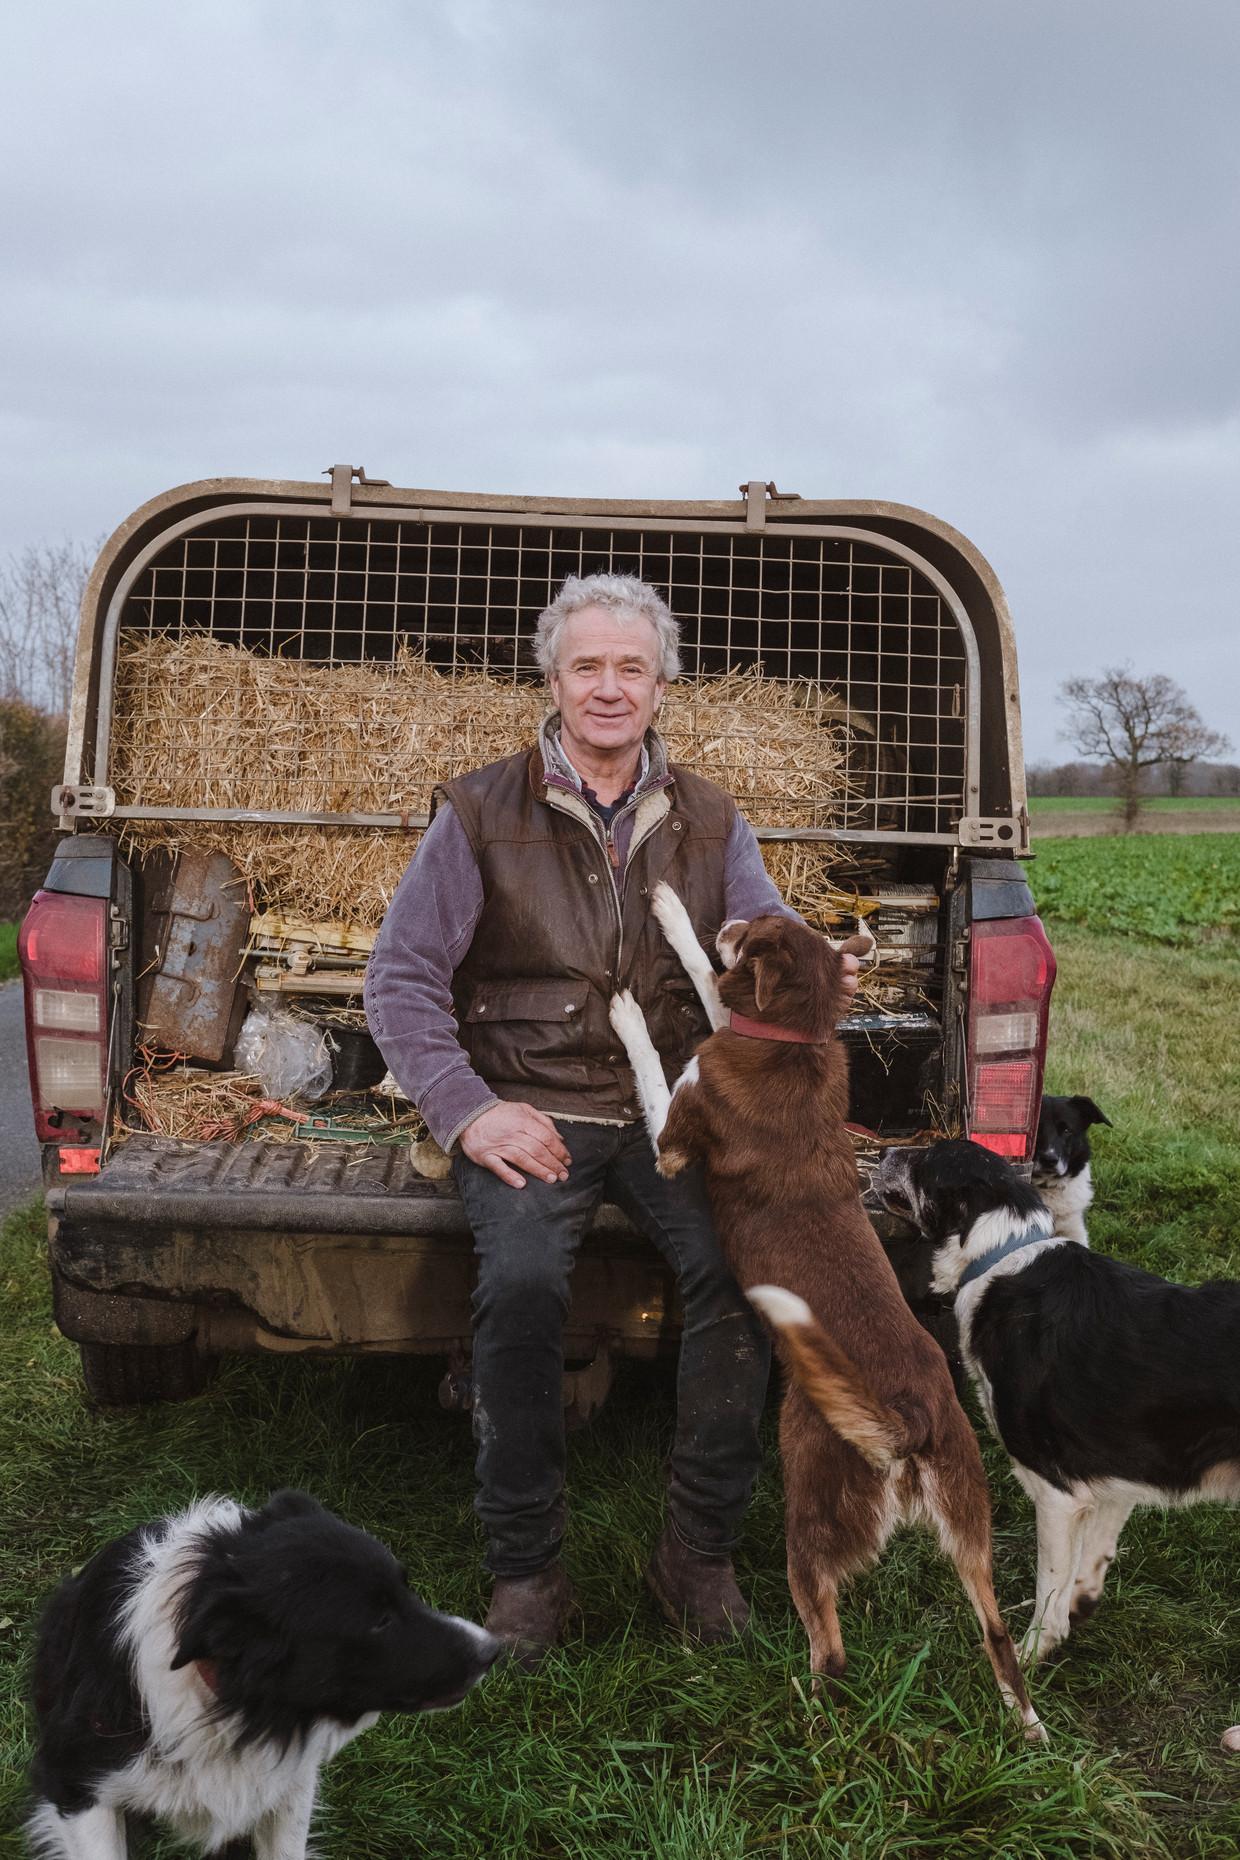 Schapenboer Tim Crick met zijn honden. Beeld Carlotta Cardana